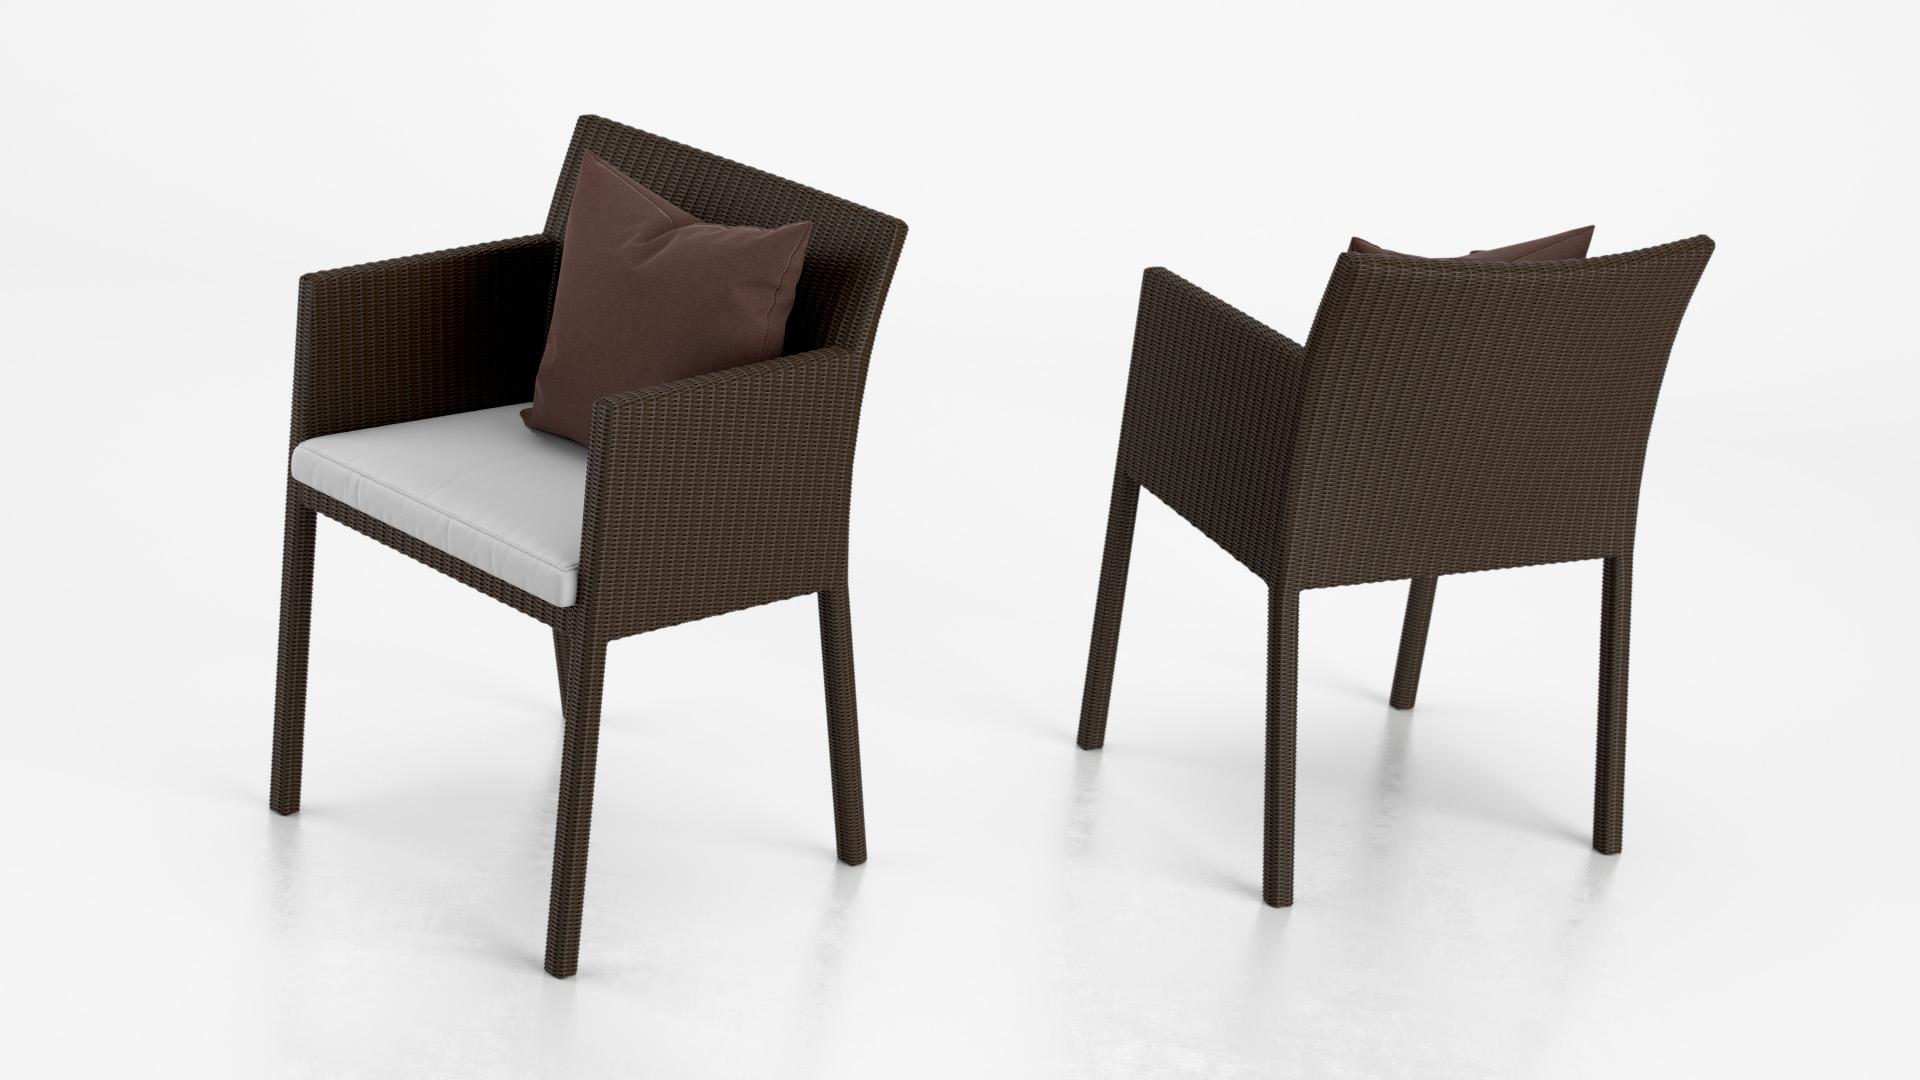 Tribu_Versus_Chair_TeakLegs_WhiteSet_01_0003